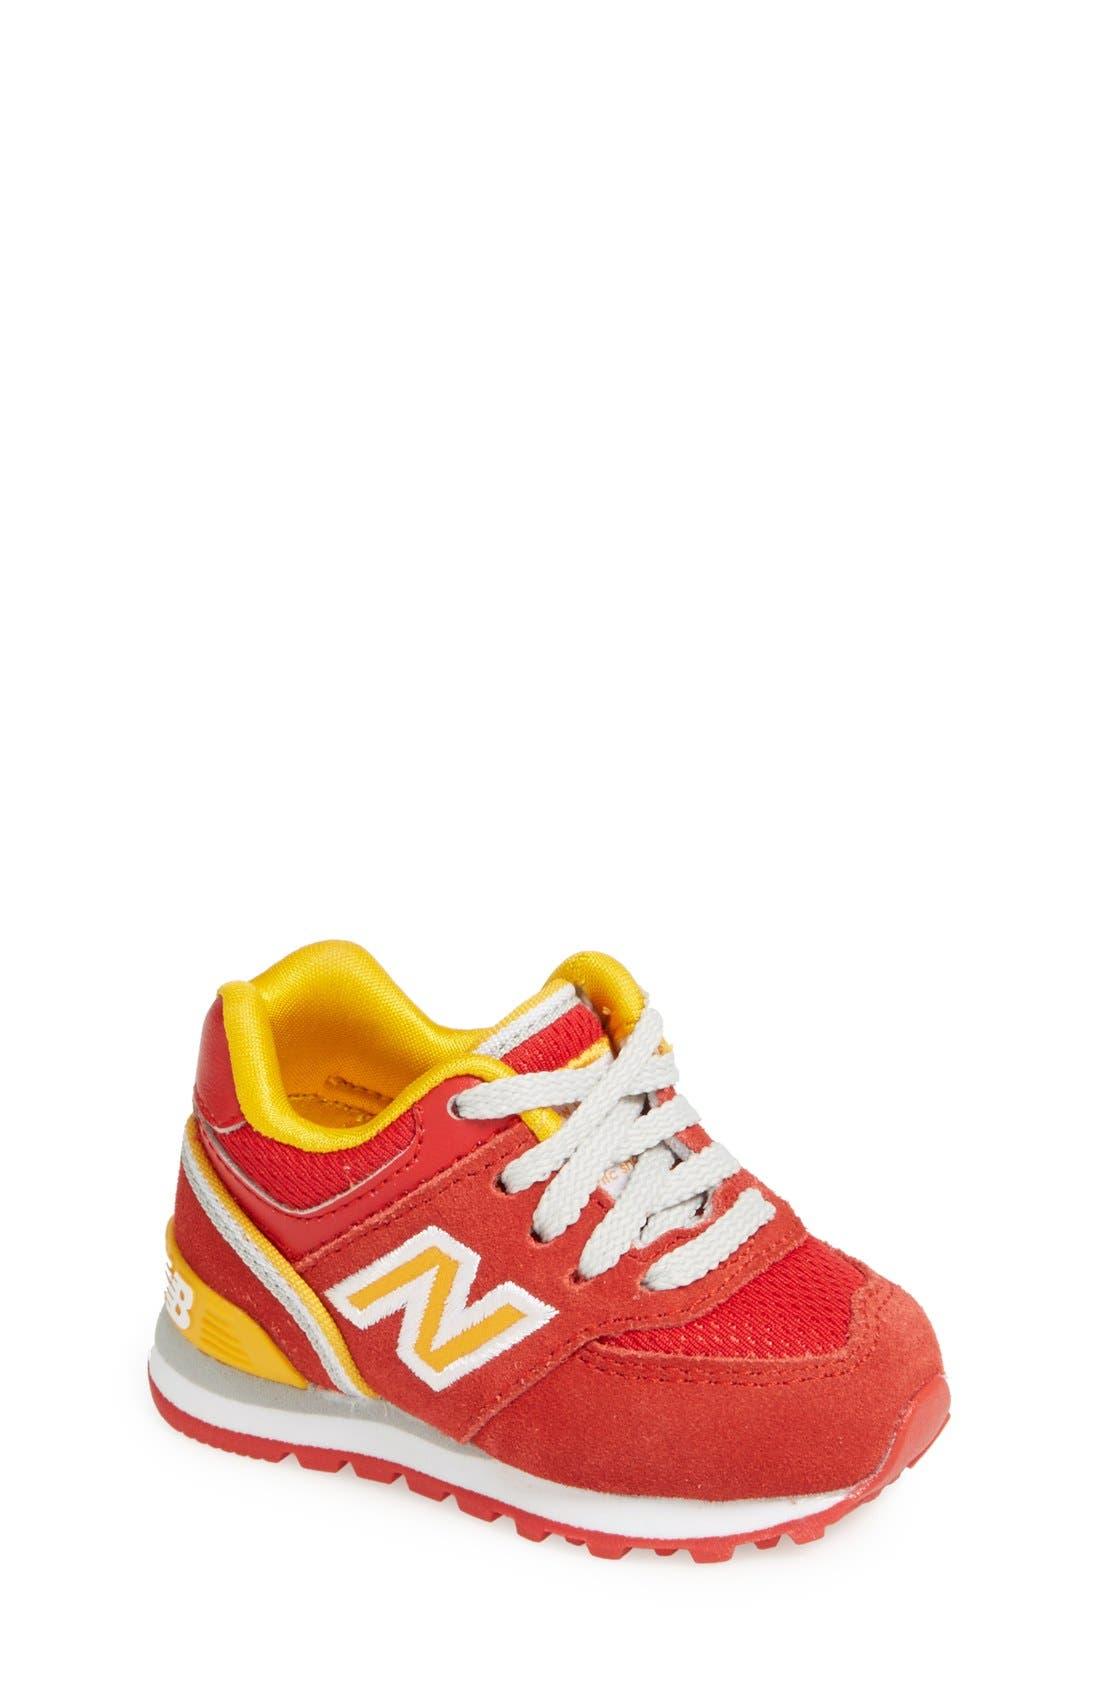 Main Image - New Balance '574 - Stadium' Sneaker (Baby, Walker & Toddler)